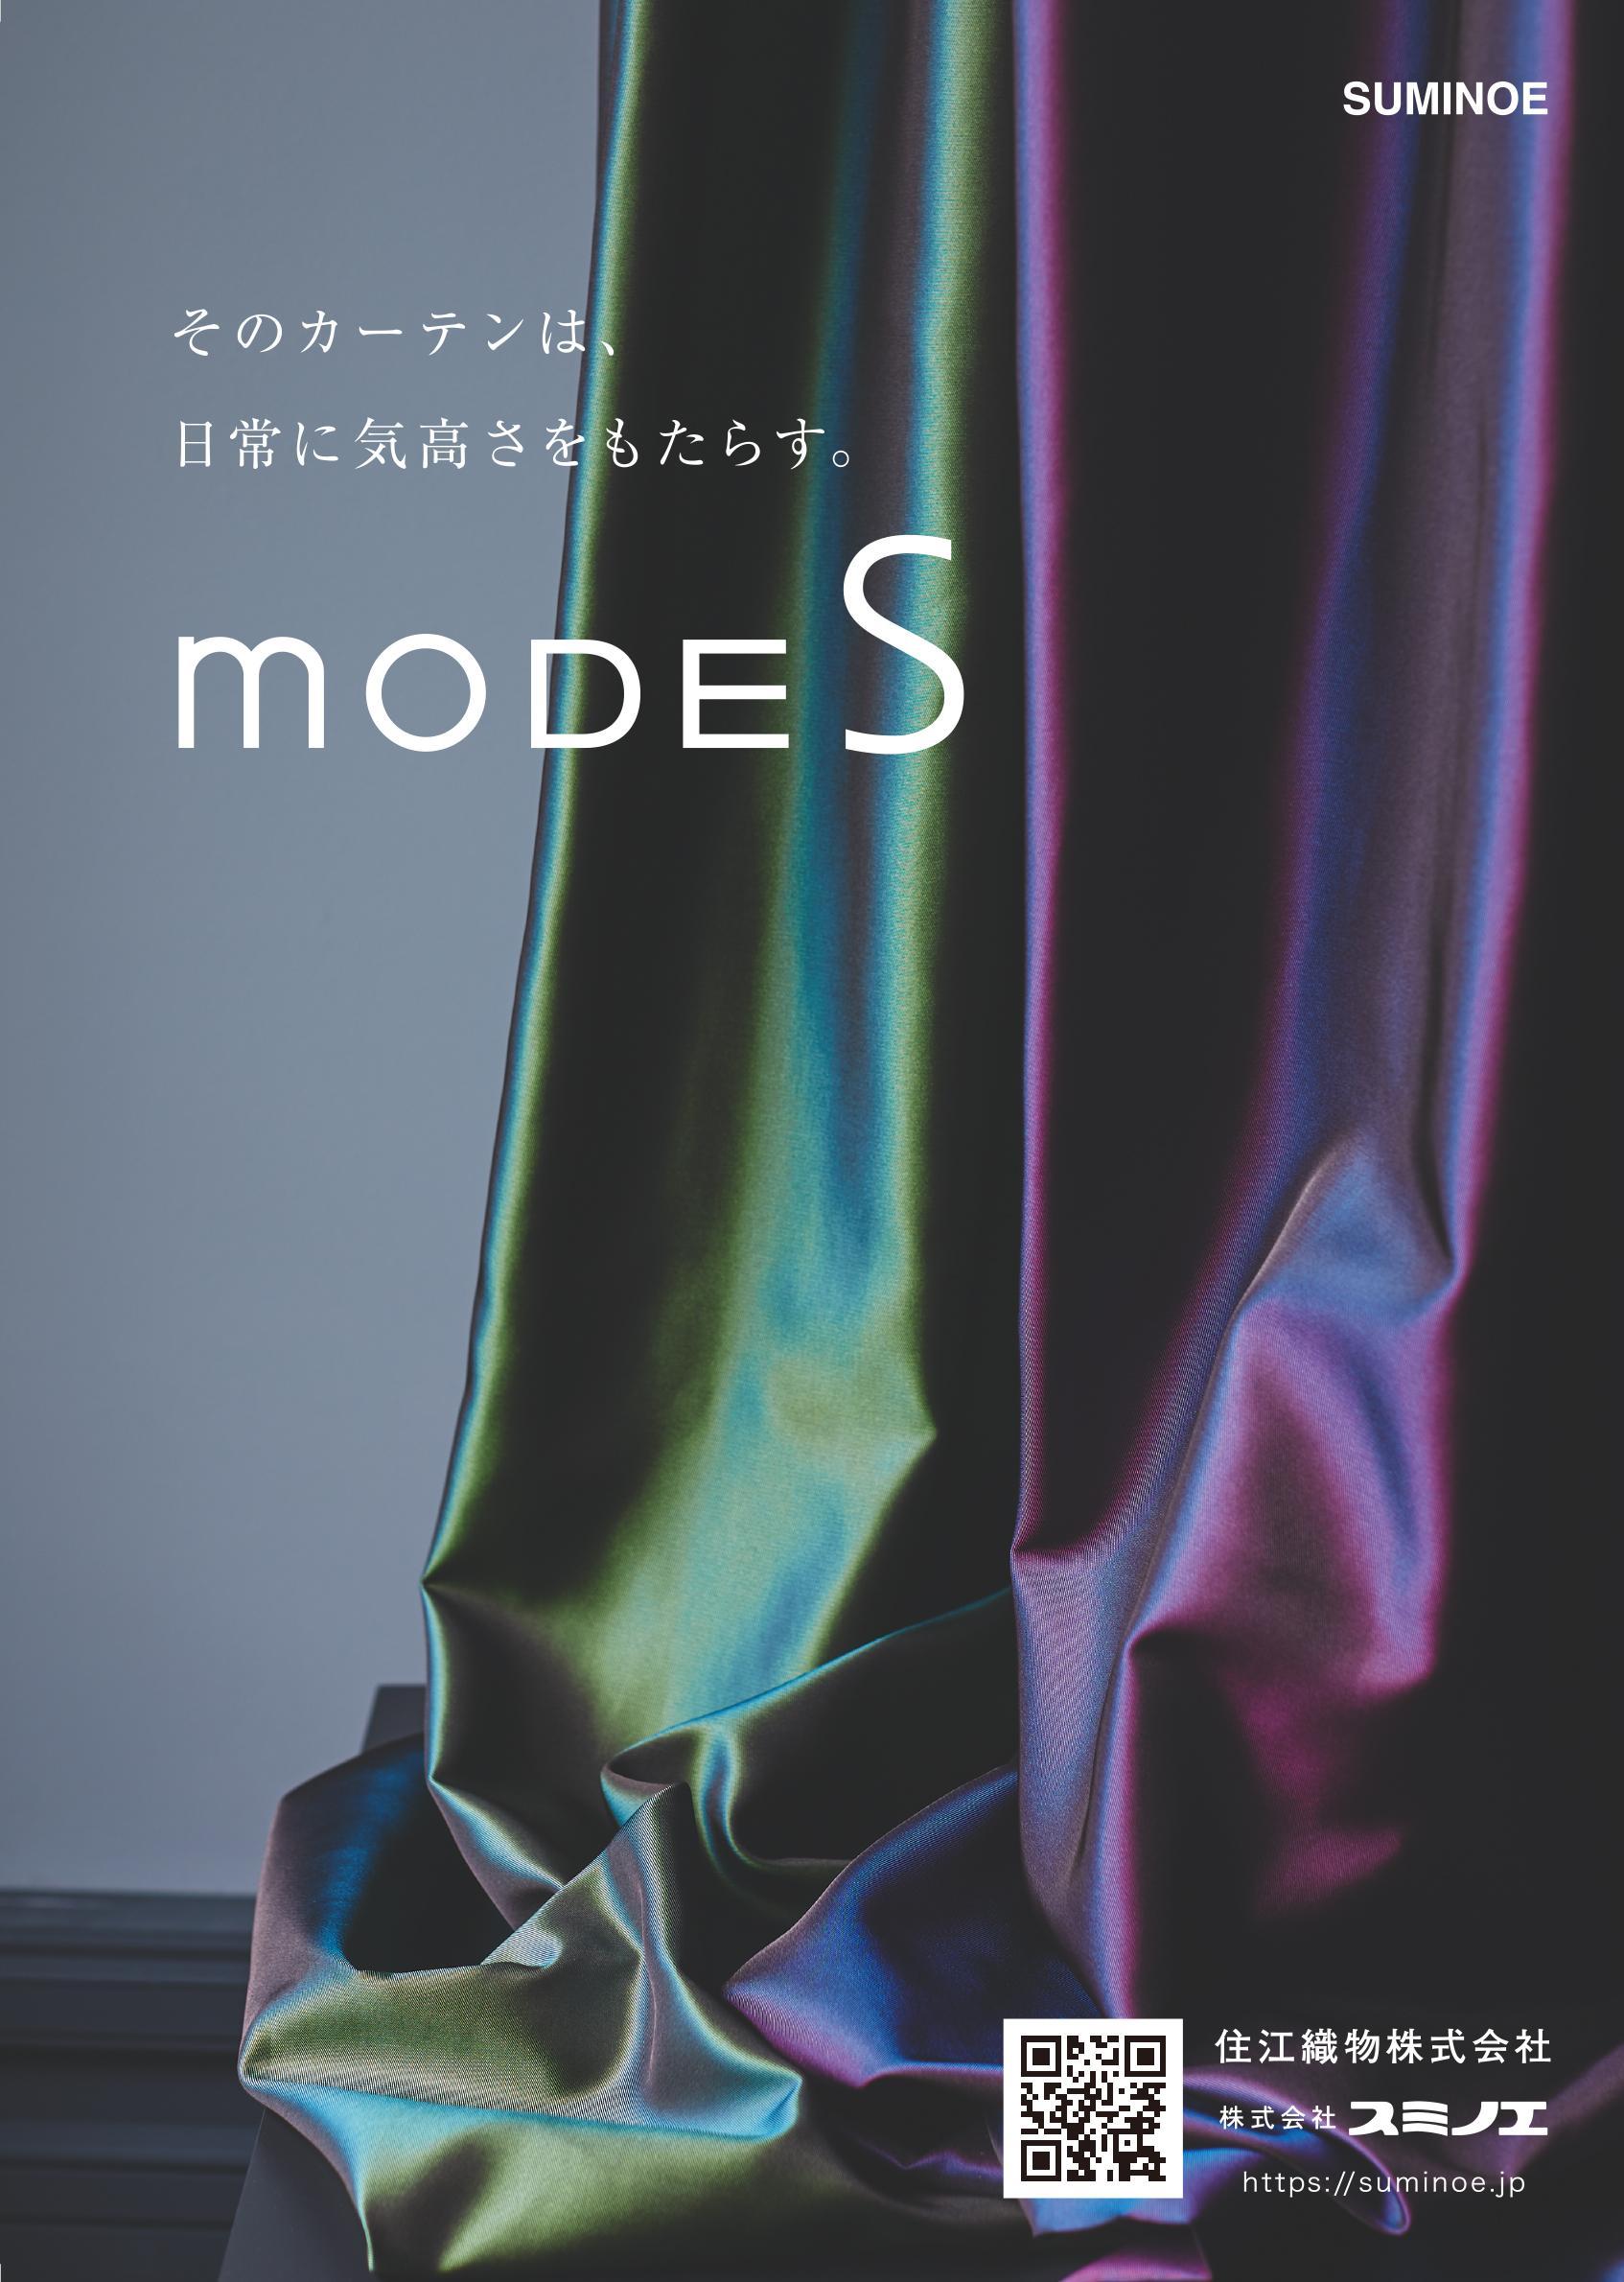 「Wedge」2月号(第33巻第2号)mode Sカーテン広告